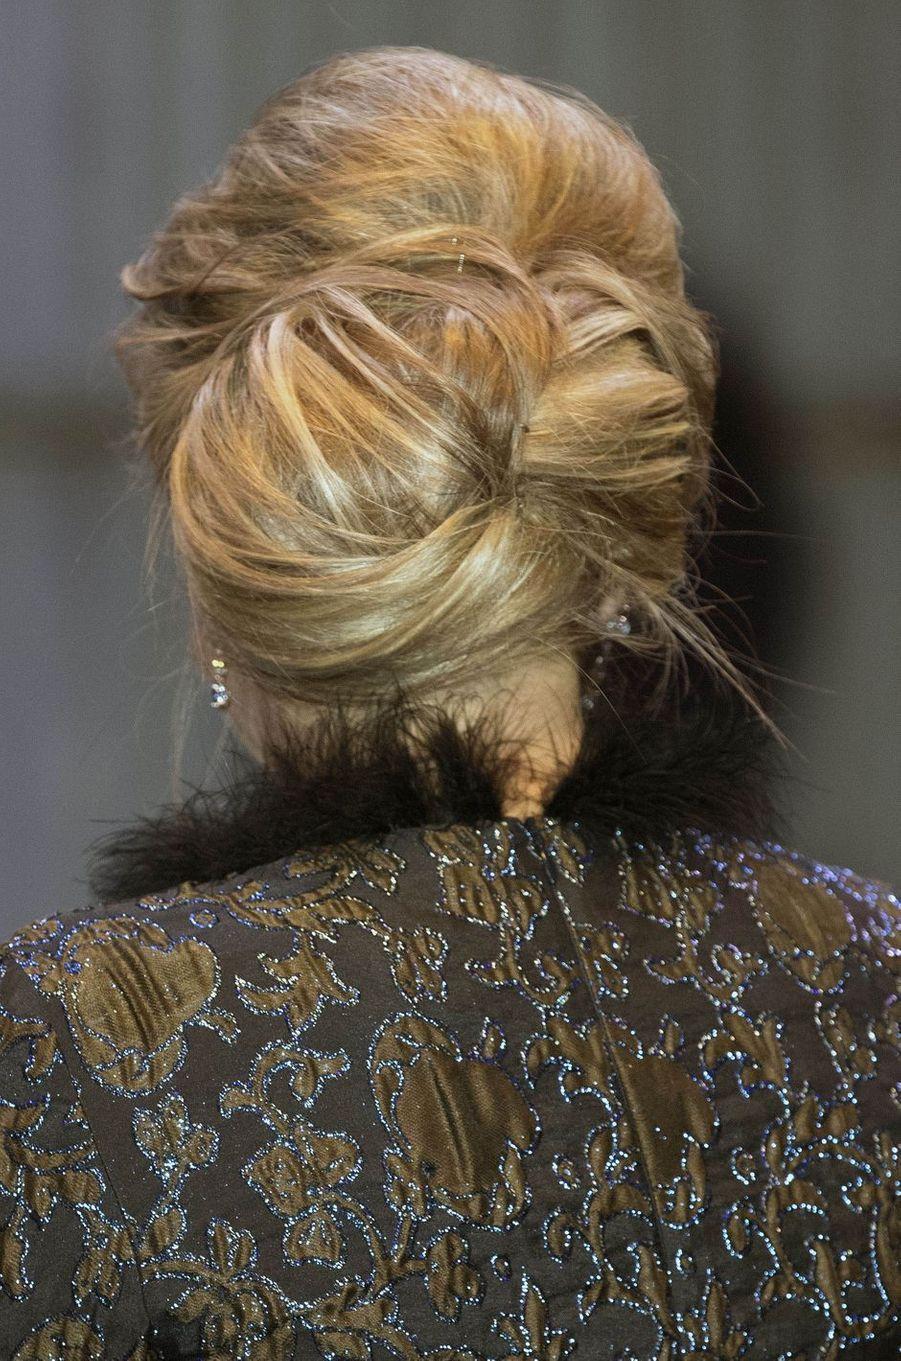 Le chignon de la reine Maxima des Pays-Bas à Amsterdam, le 27 novembre 2017